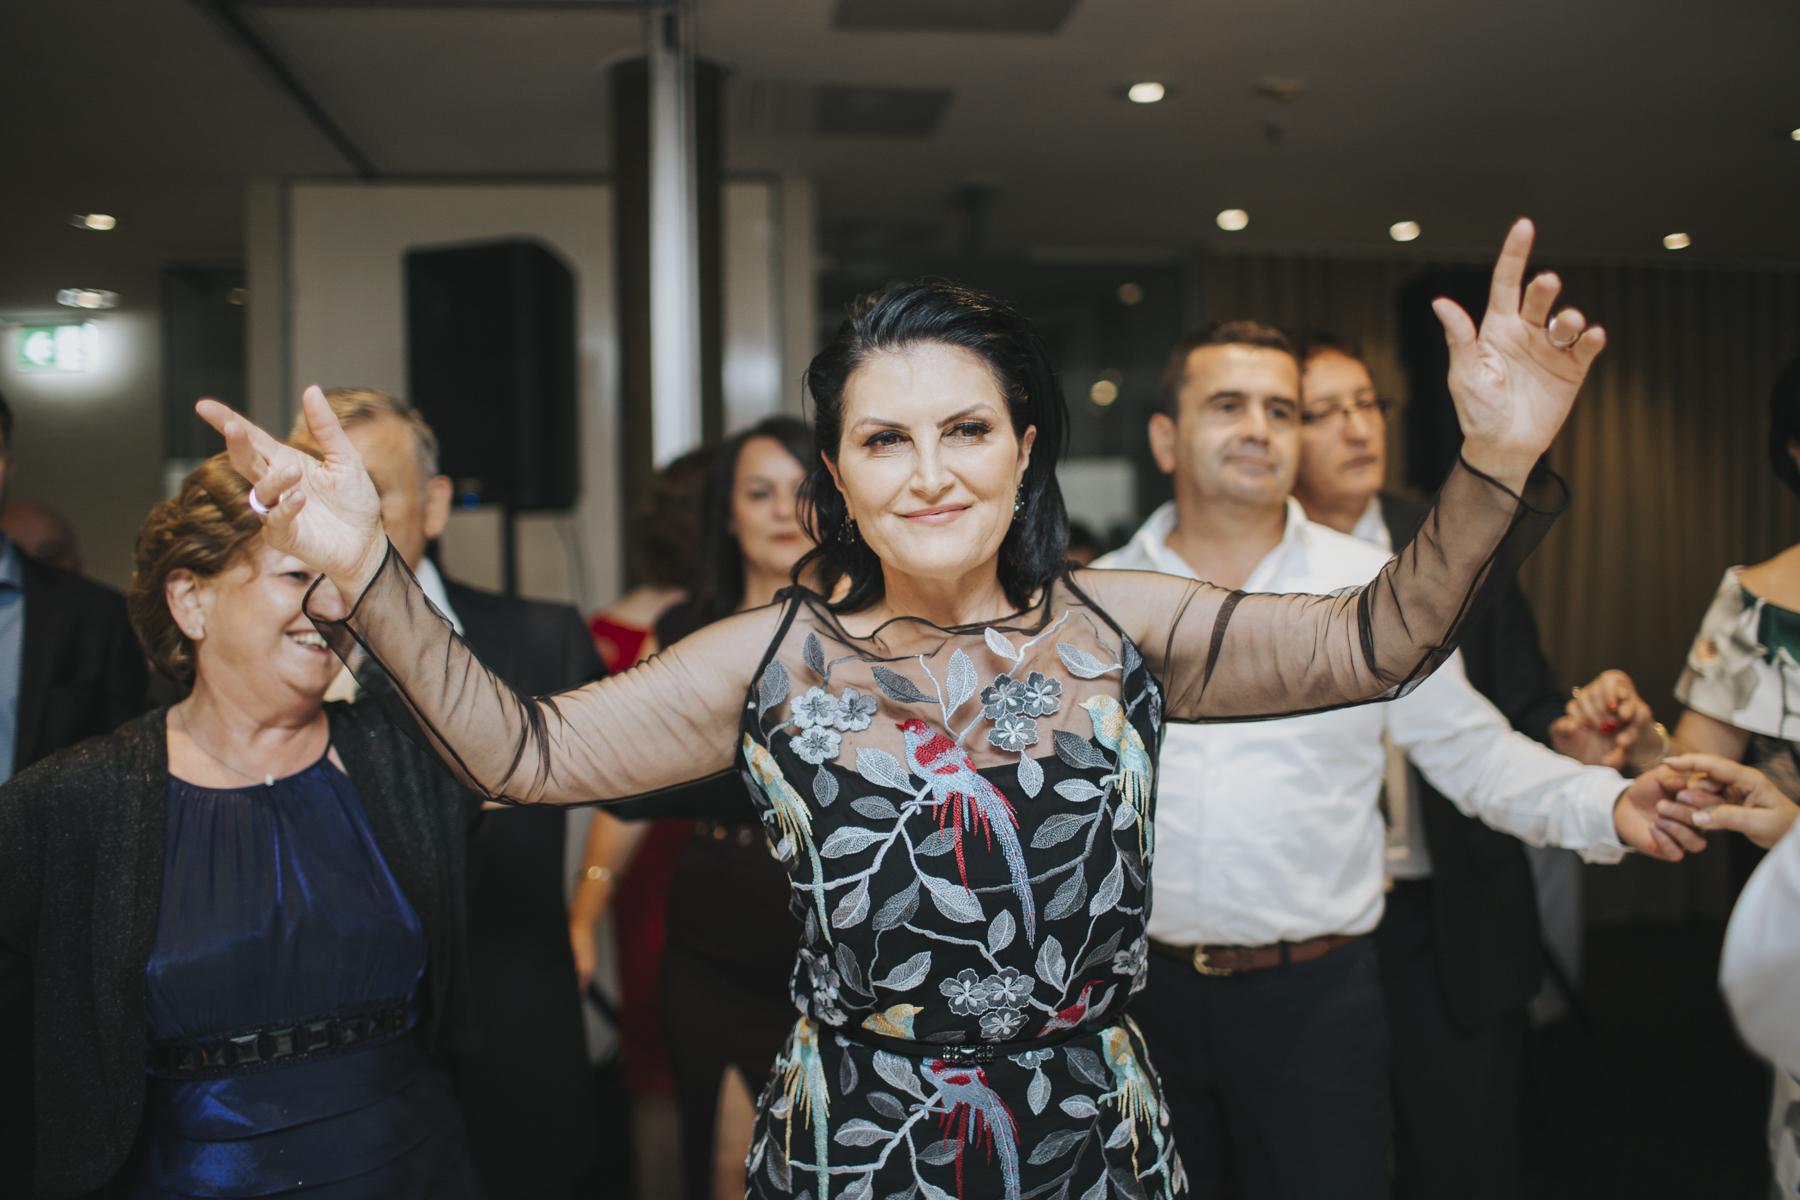 Macedonian_Orthodox_Christening_Sydney-9452.jpg